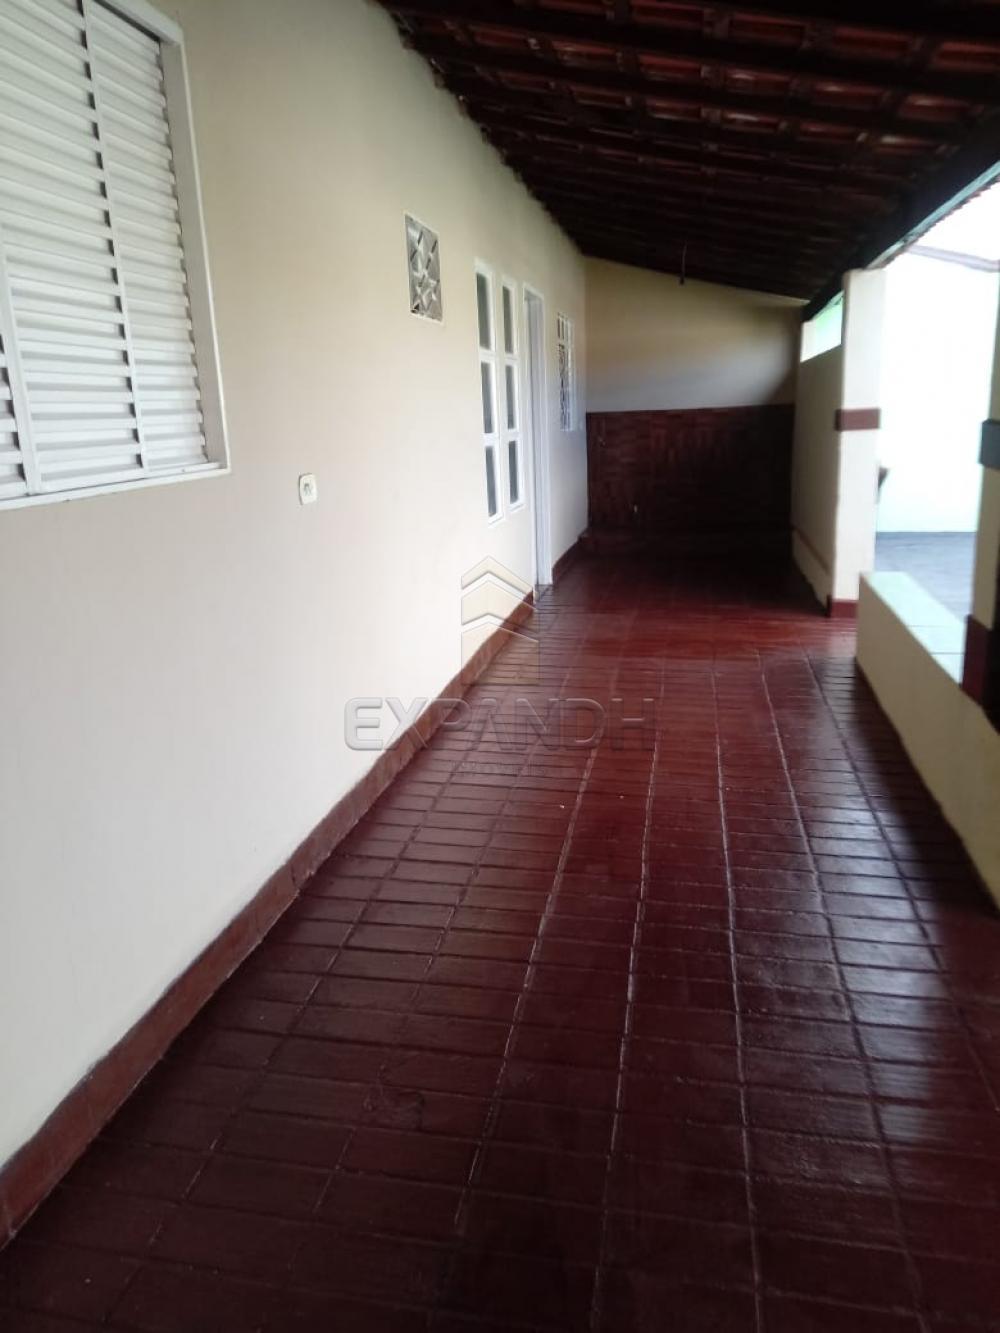 Alugar Casas / Padrão em Sertãozinho R$ 690,00 - Foto 6